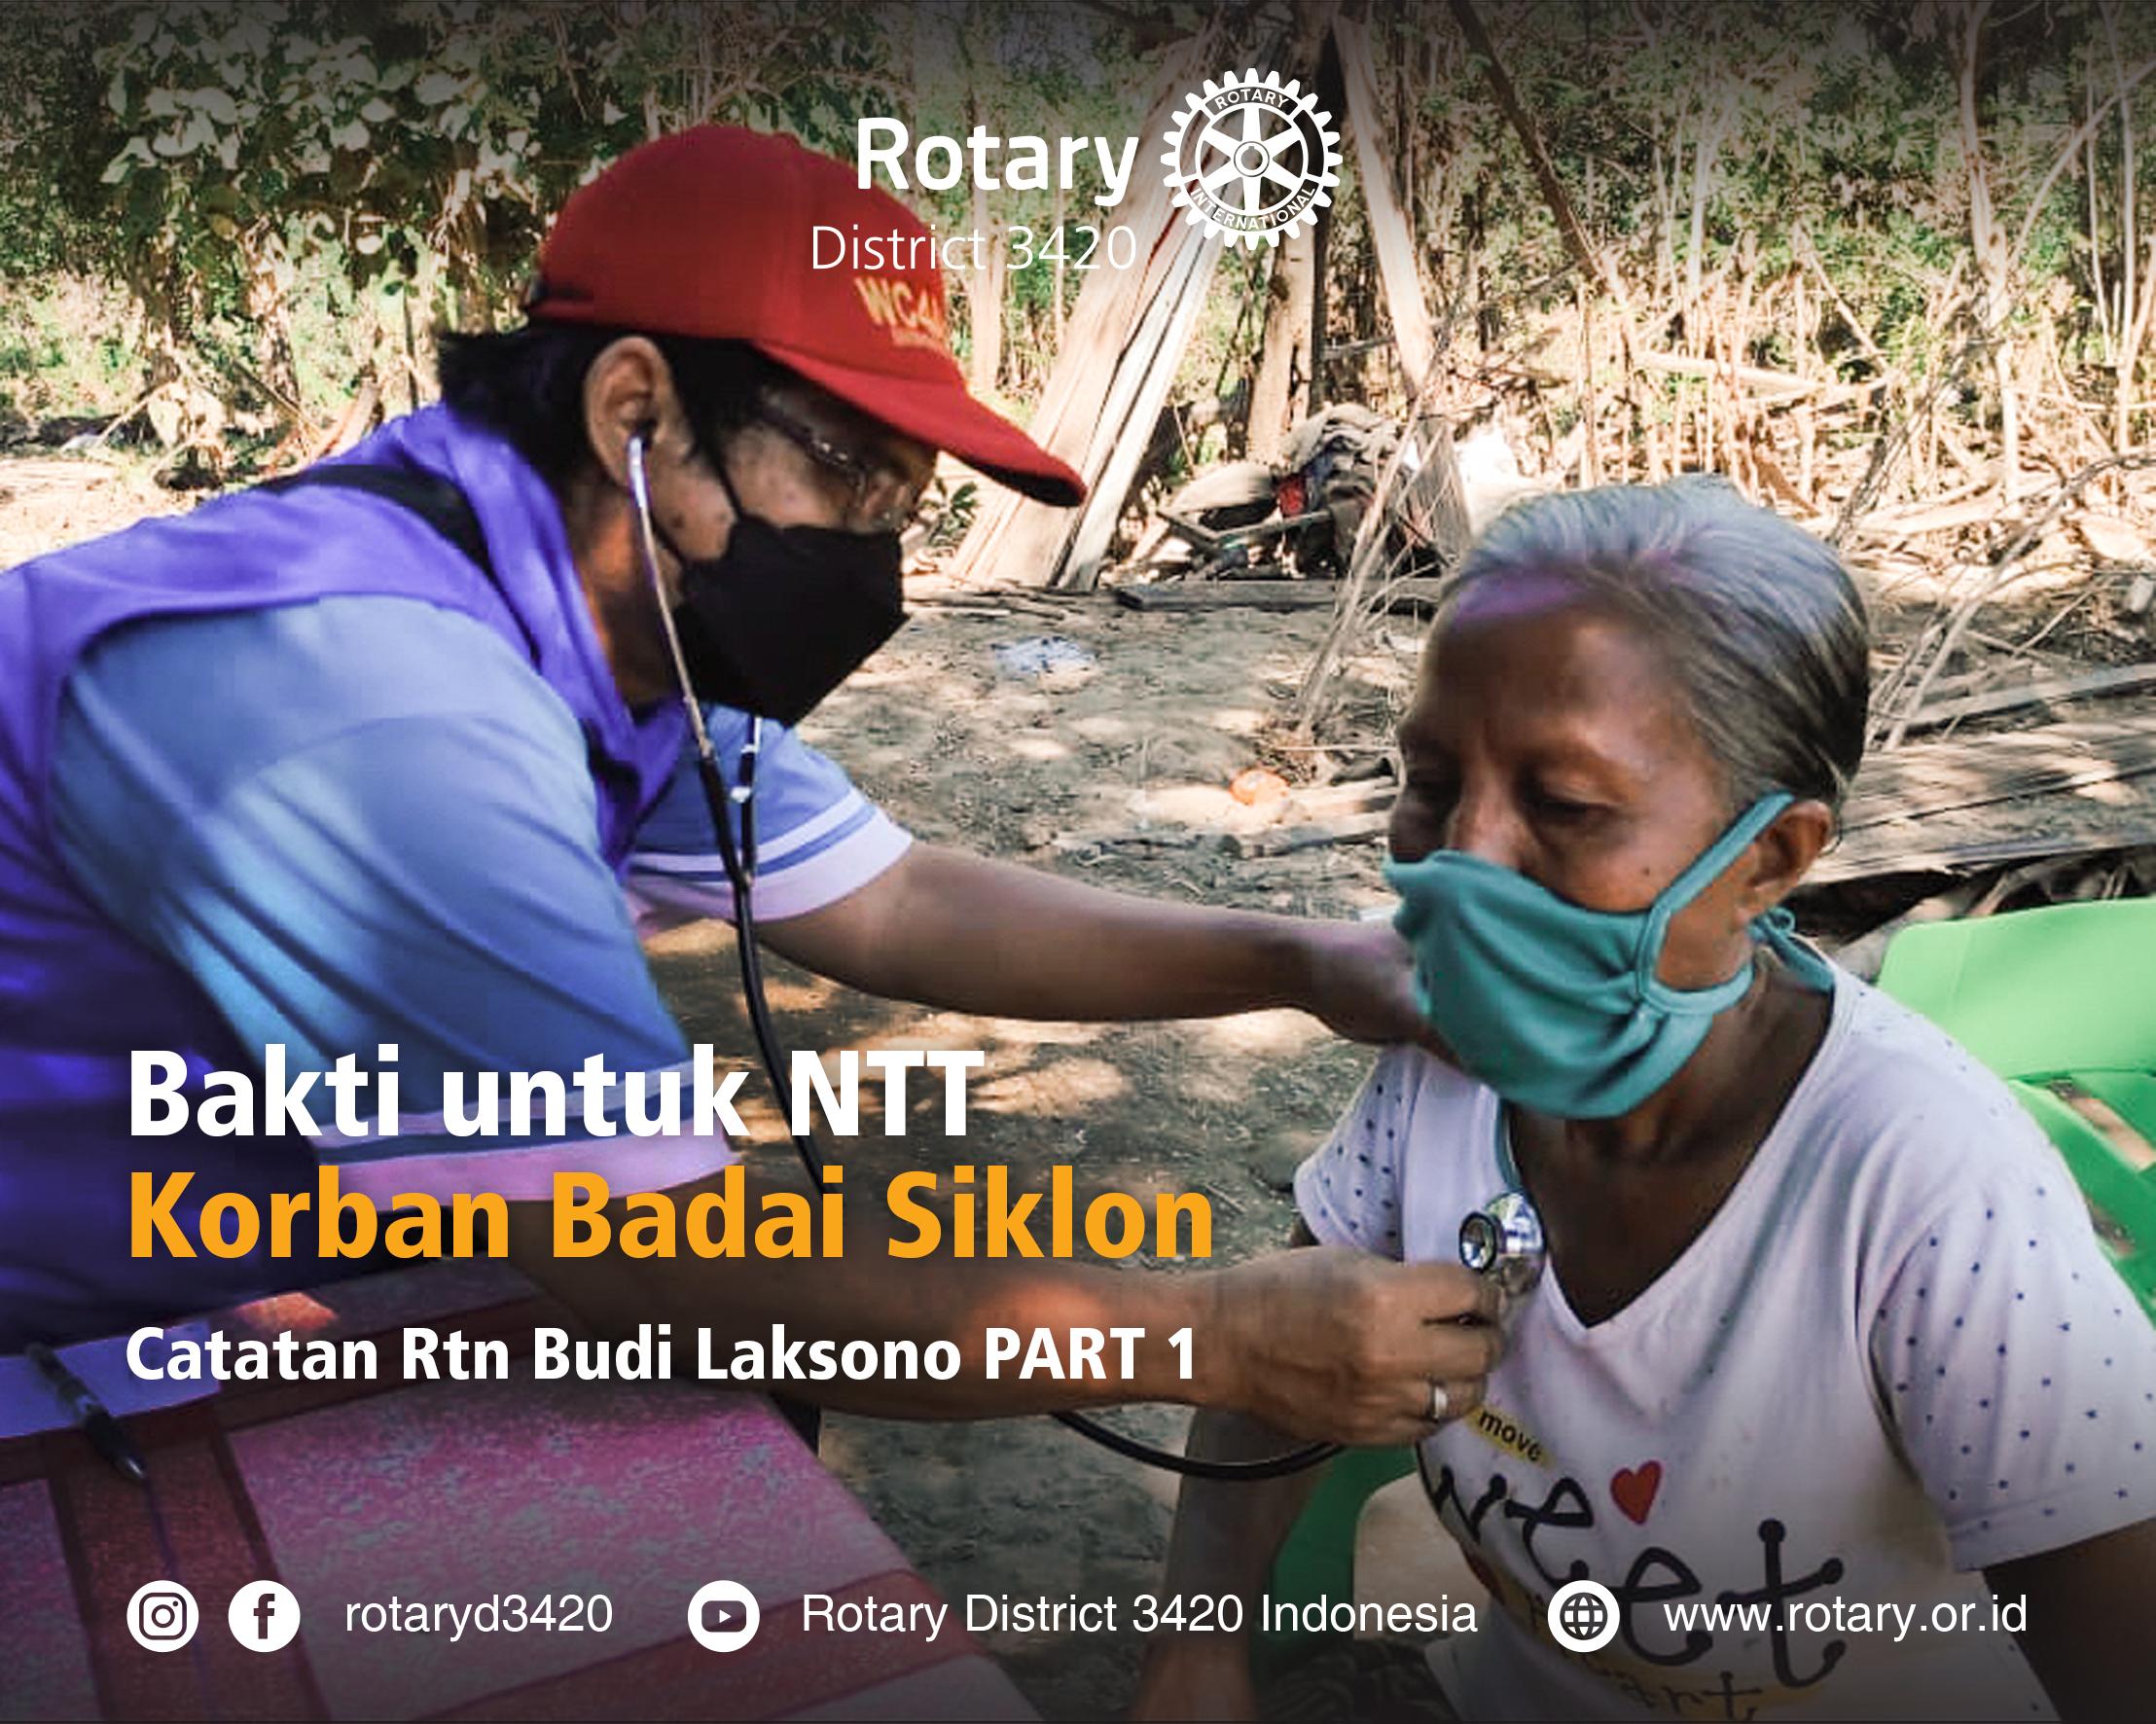 Bakti untuk NTT Korban Badai Siklon Catatan Rtn Budi Laksono Part 1